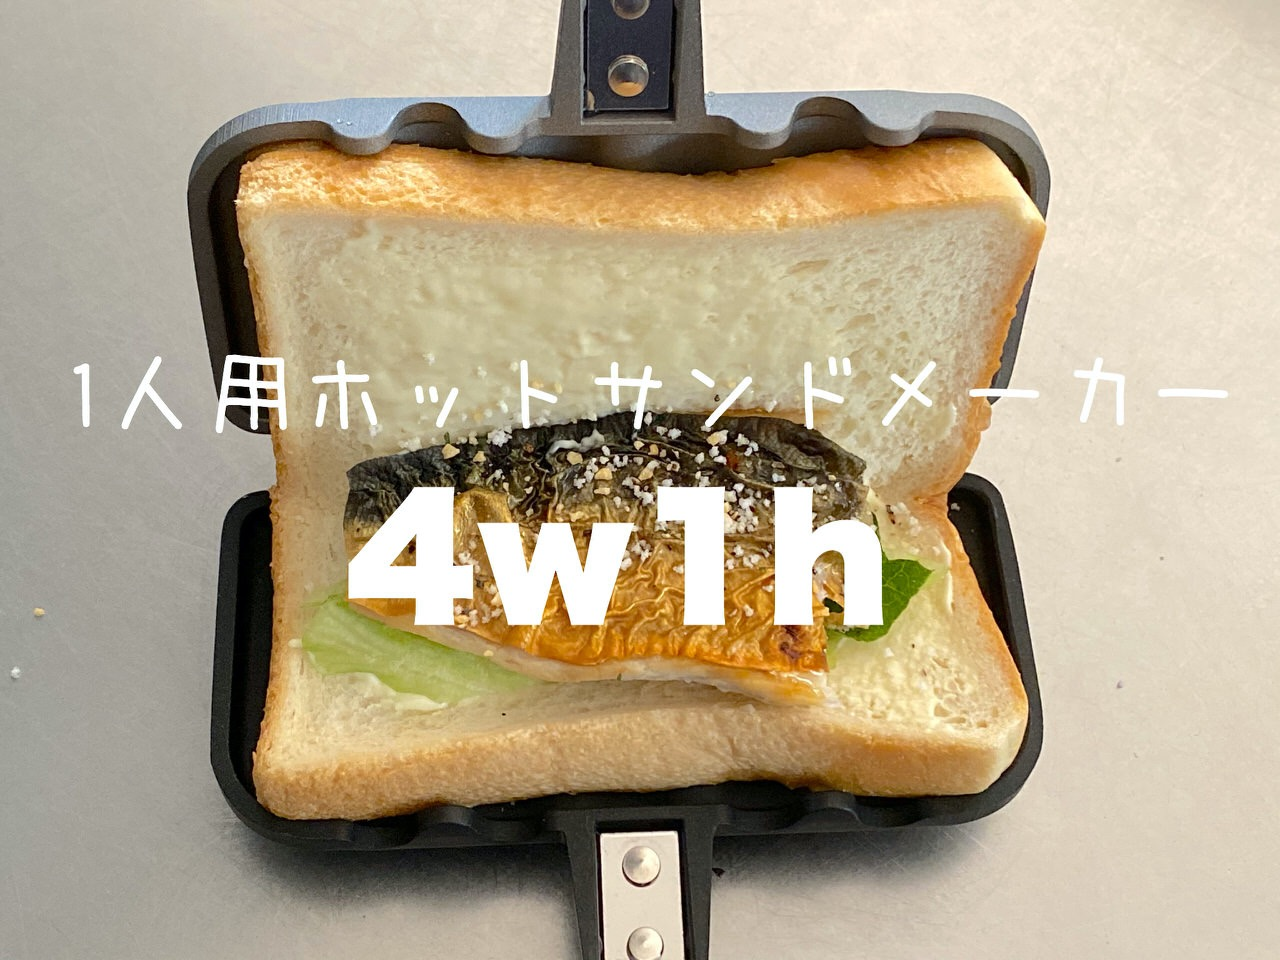 【4w1h】一人用ホットサンドメーカー「ホットサンドソロ」届いたのでレビュー!まずは塩サバを挟んでみた!